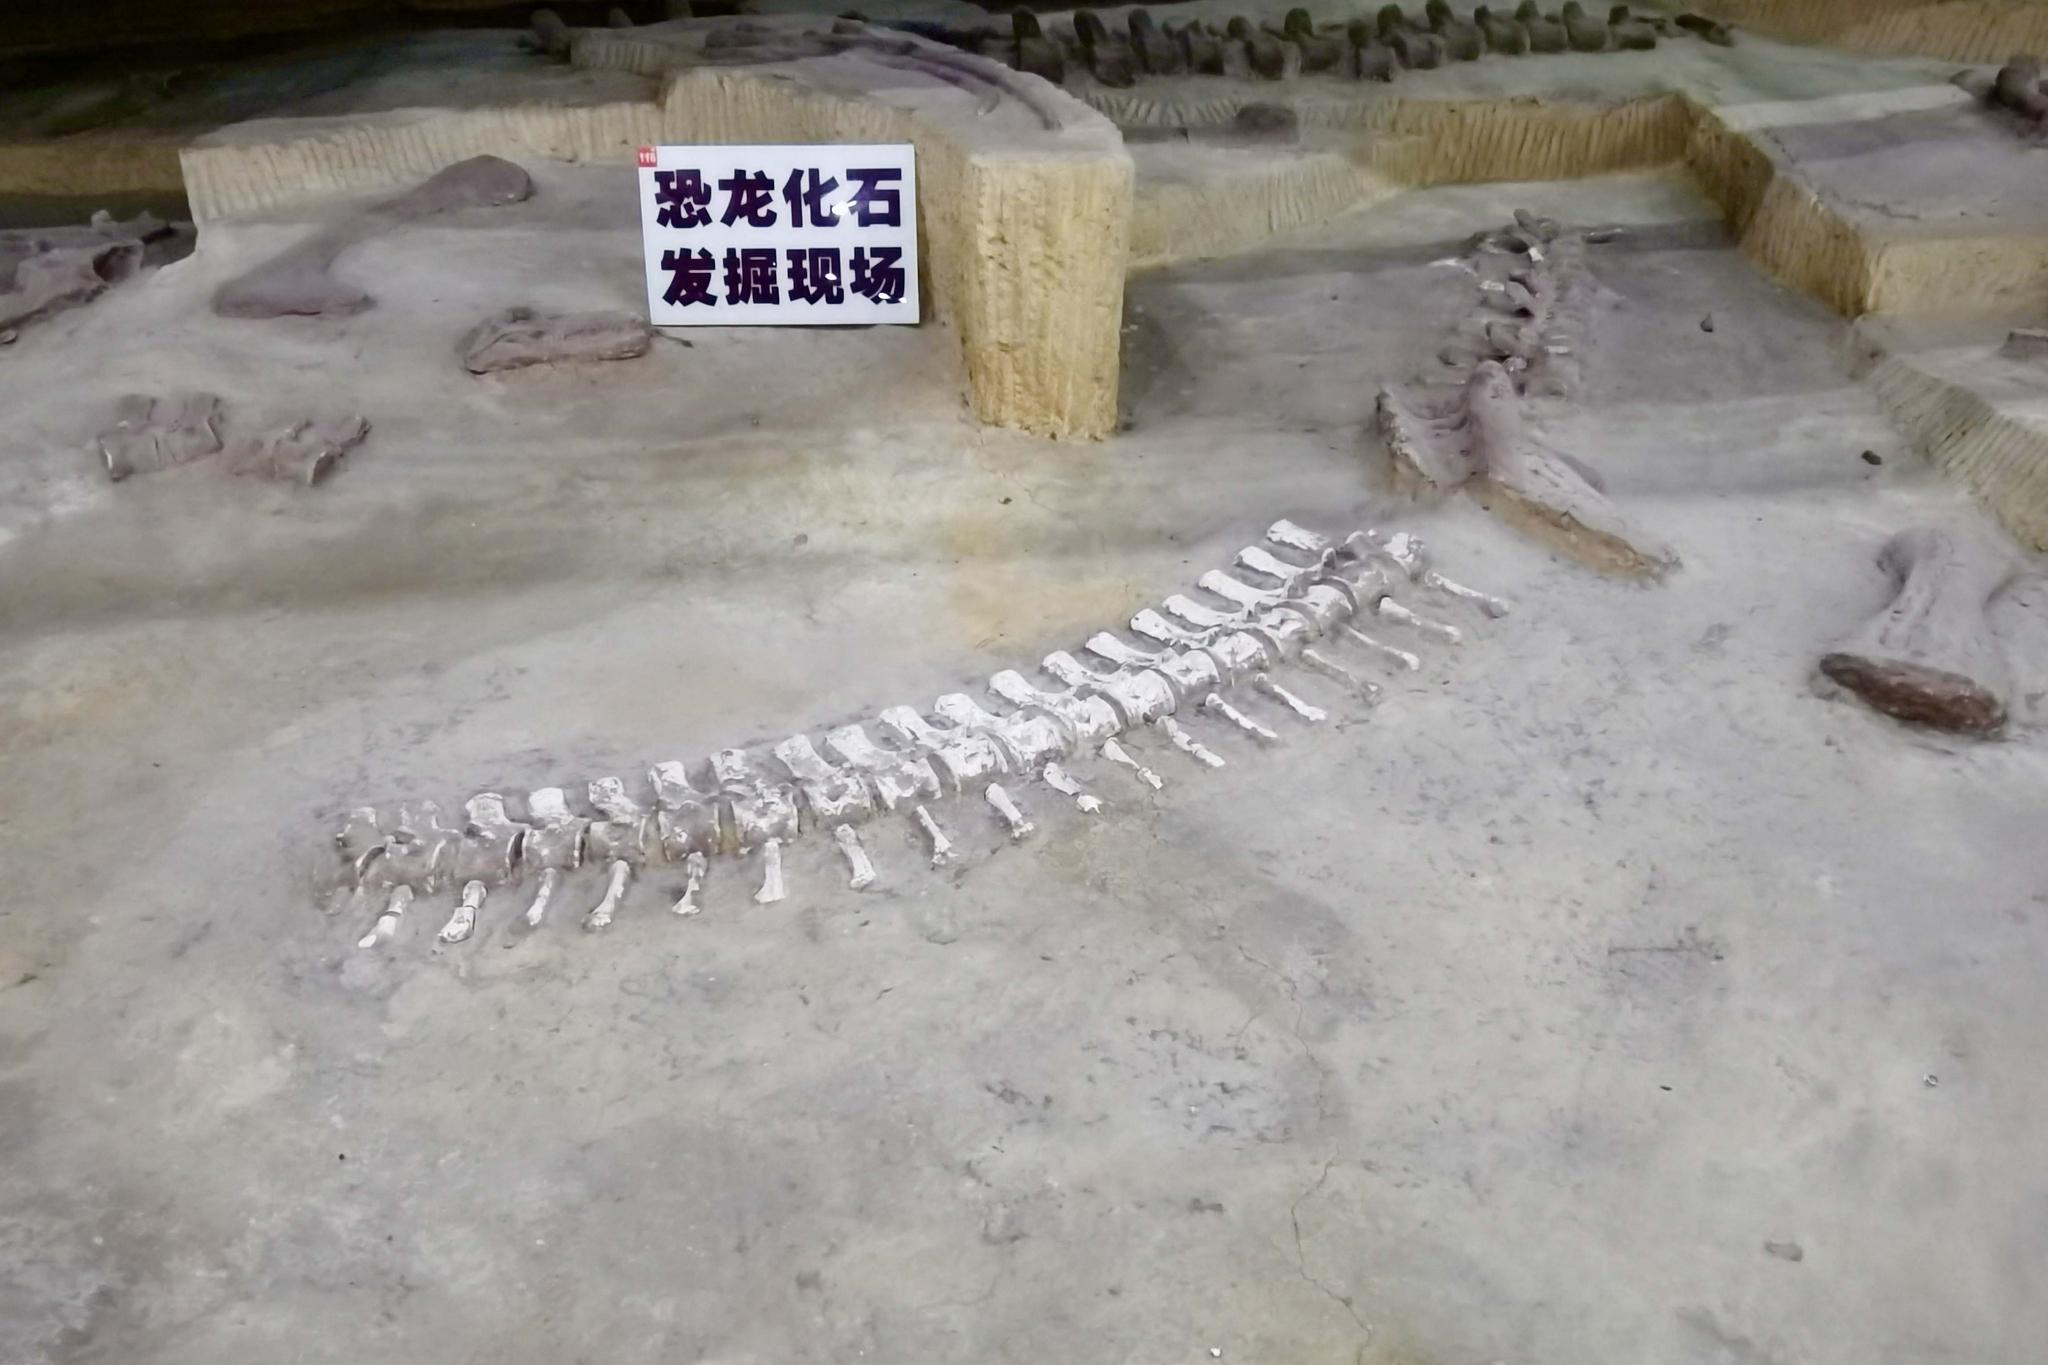 长春自然博物馆恐龙化石发掘现场,原创拍摄